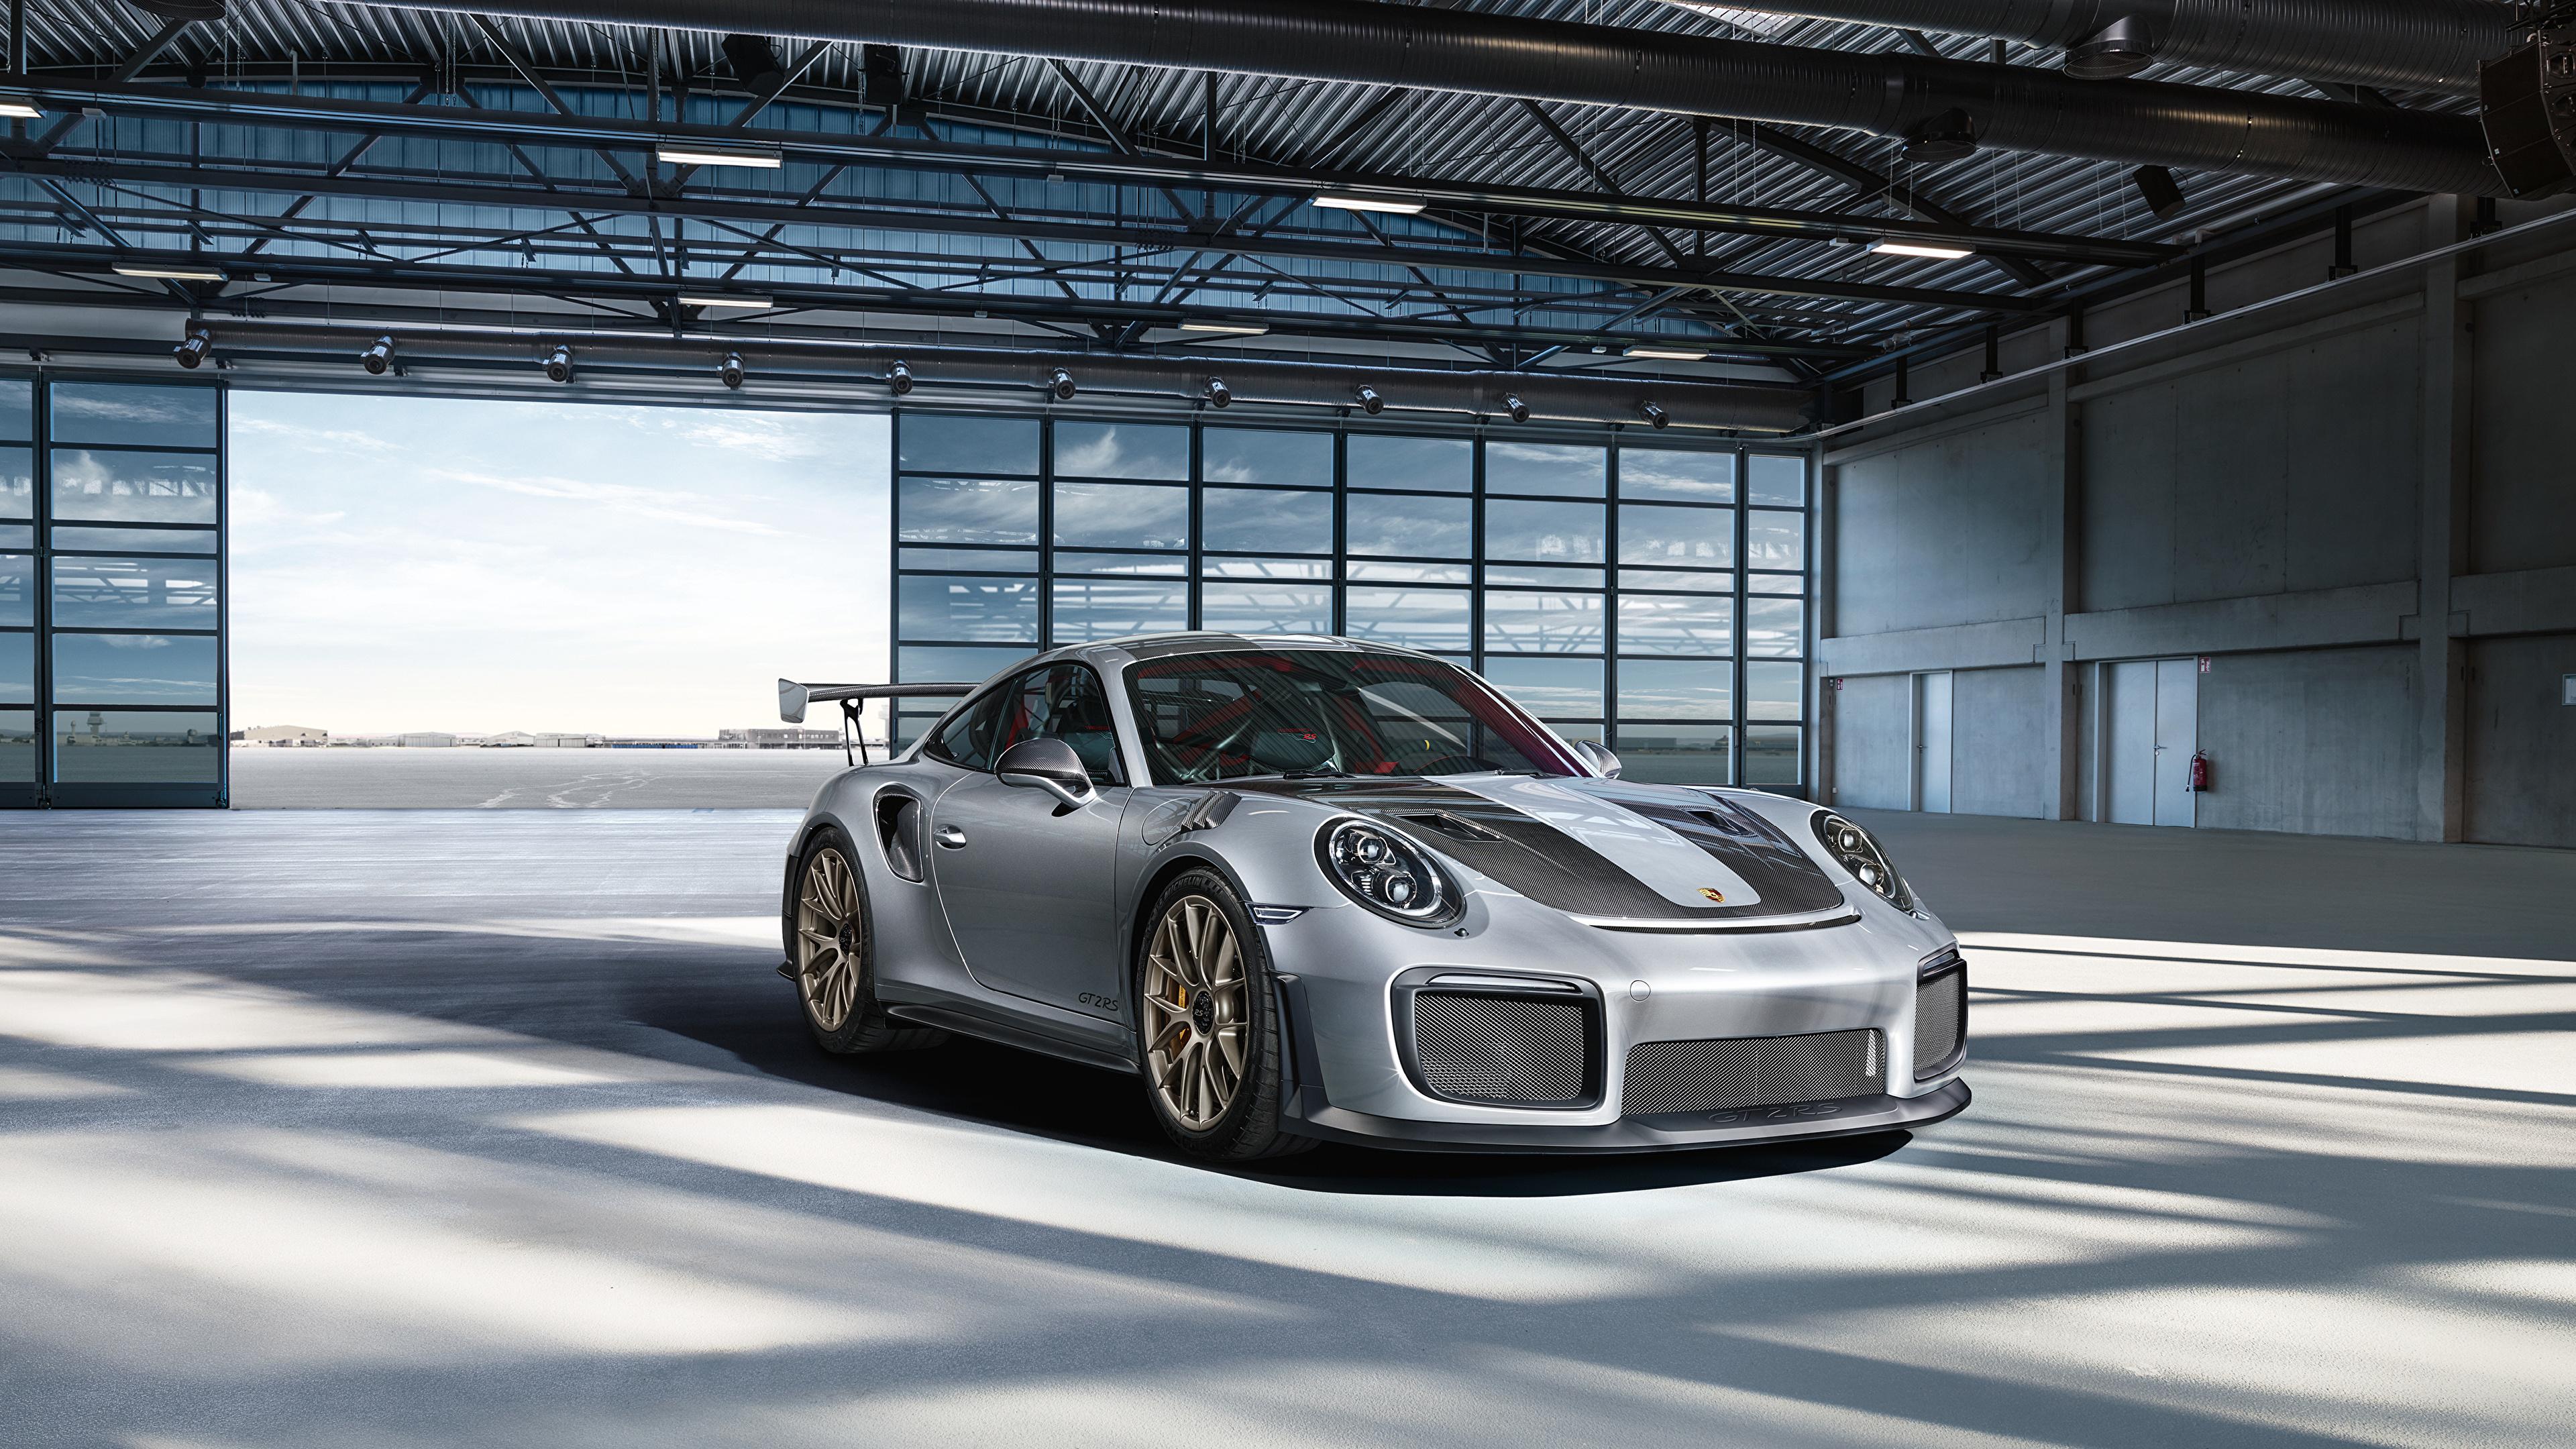 Wallpaper Porsche 911 gt2 rs Silver color automobile 3840x2160 Cars auto